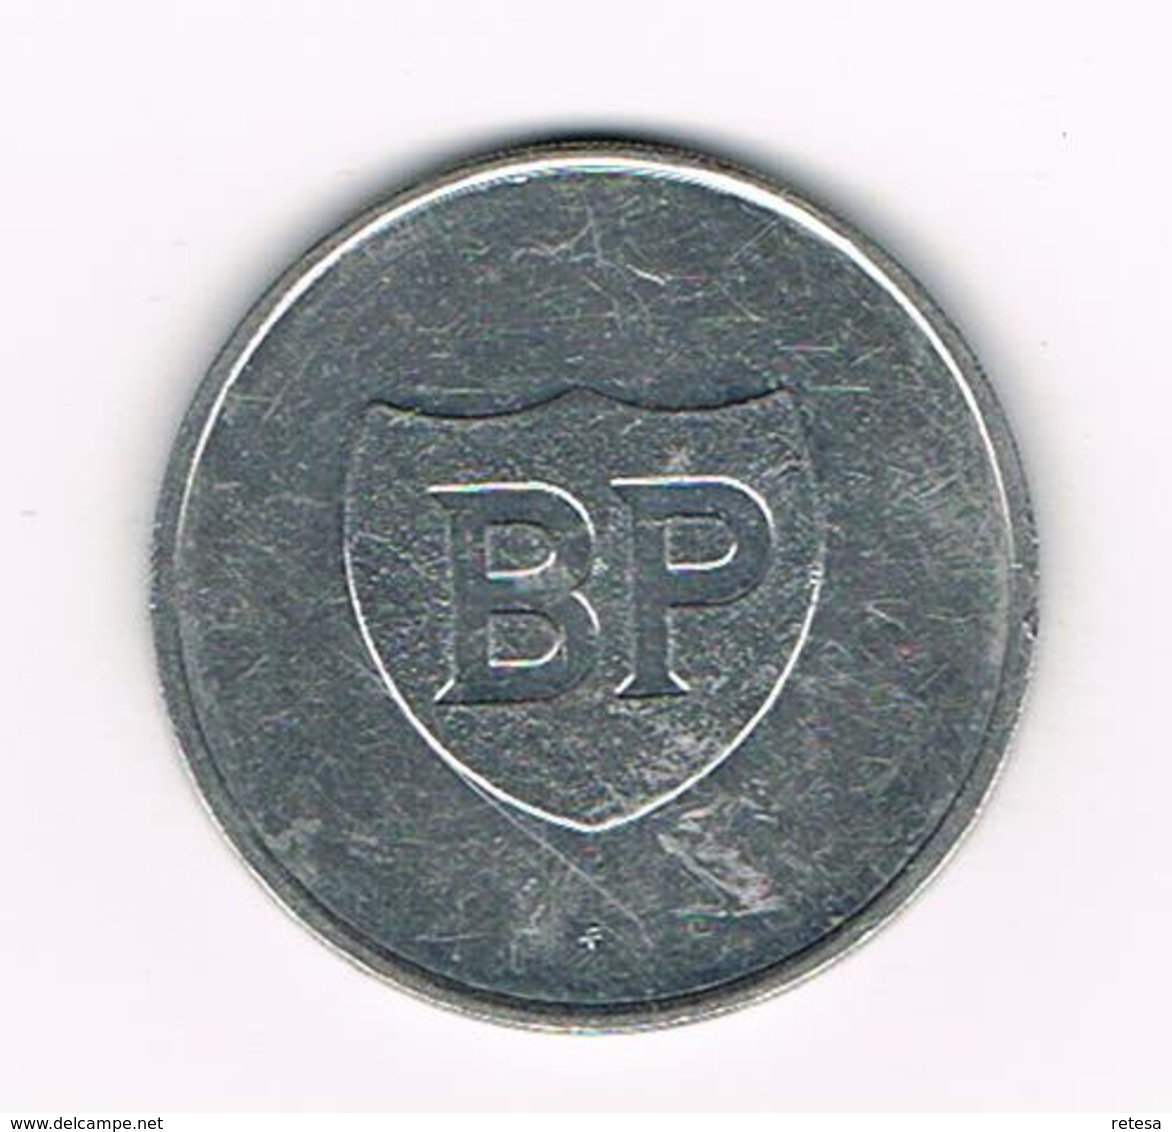 //  PENNING BP  SERGE  REDING - Pièces écrasées (Elongated Coins)